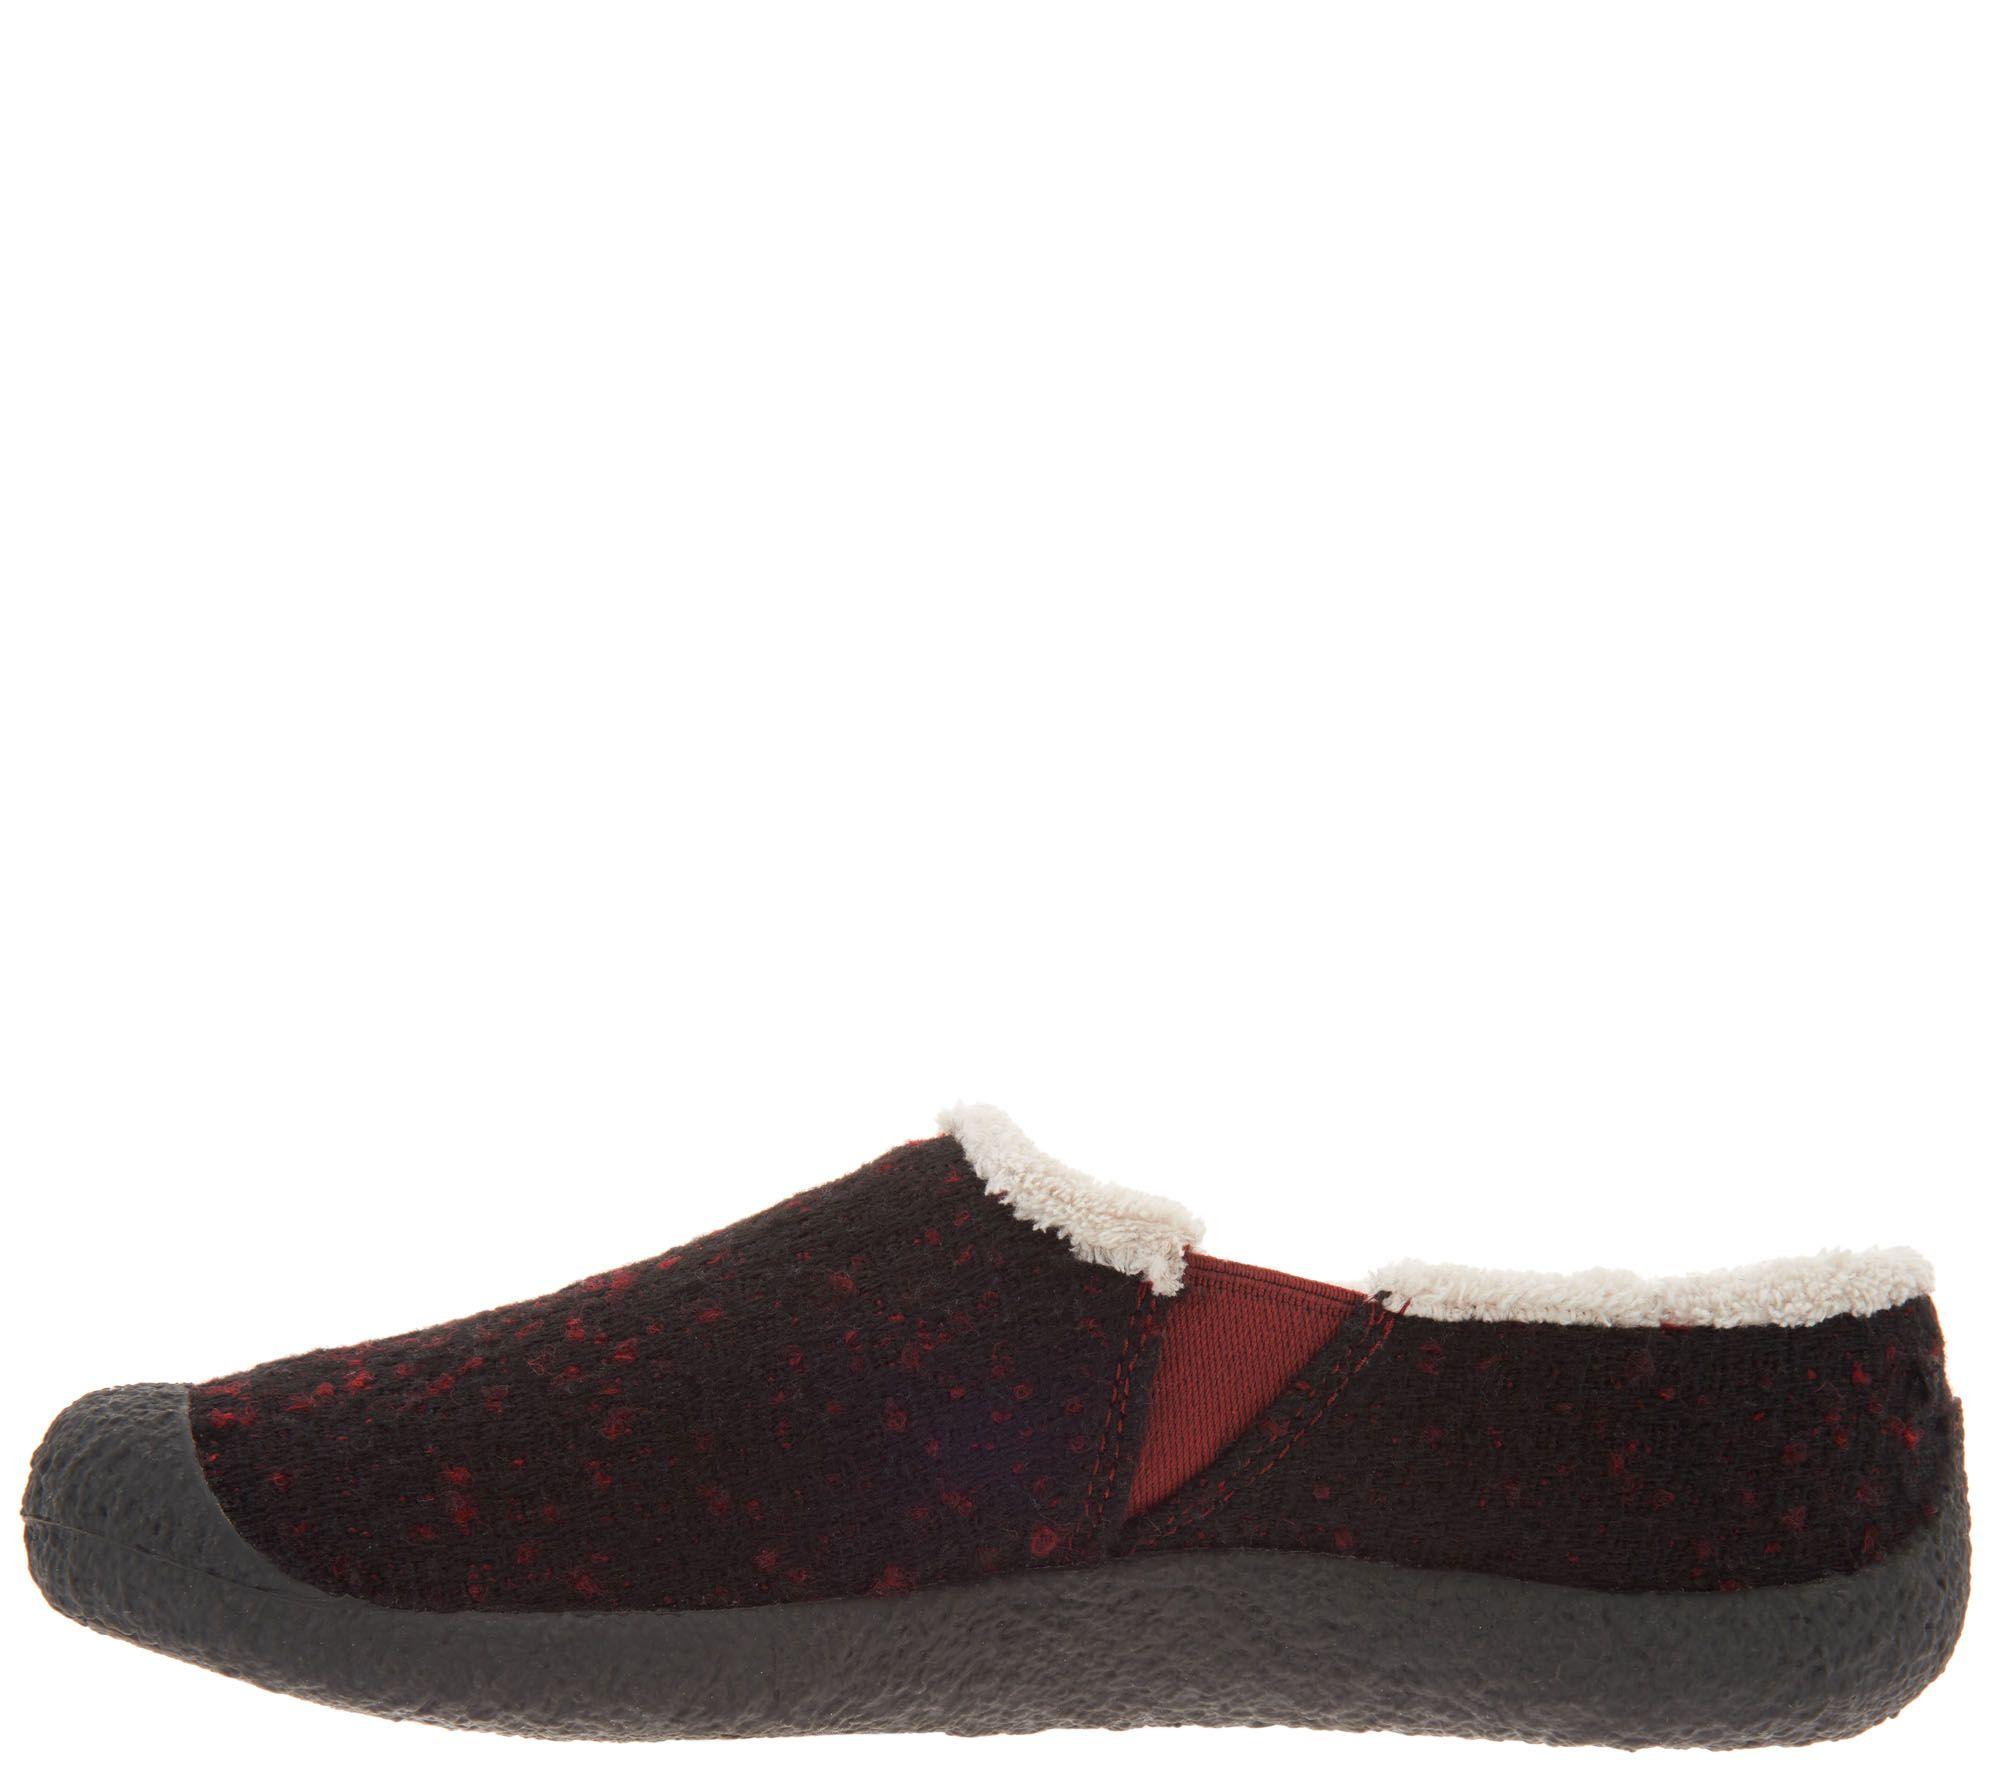 0250b5f807aa KEEN Felt Slip-On Clogs - Howser Slide Wool - Page 1 — QVC.com